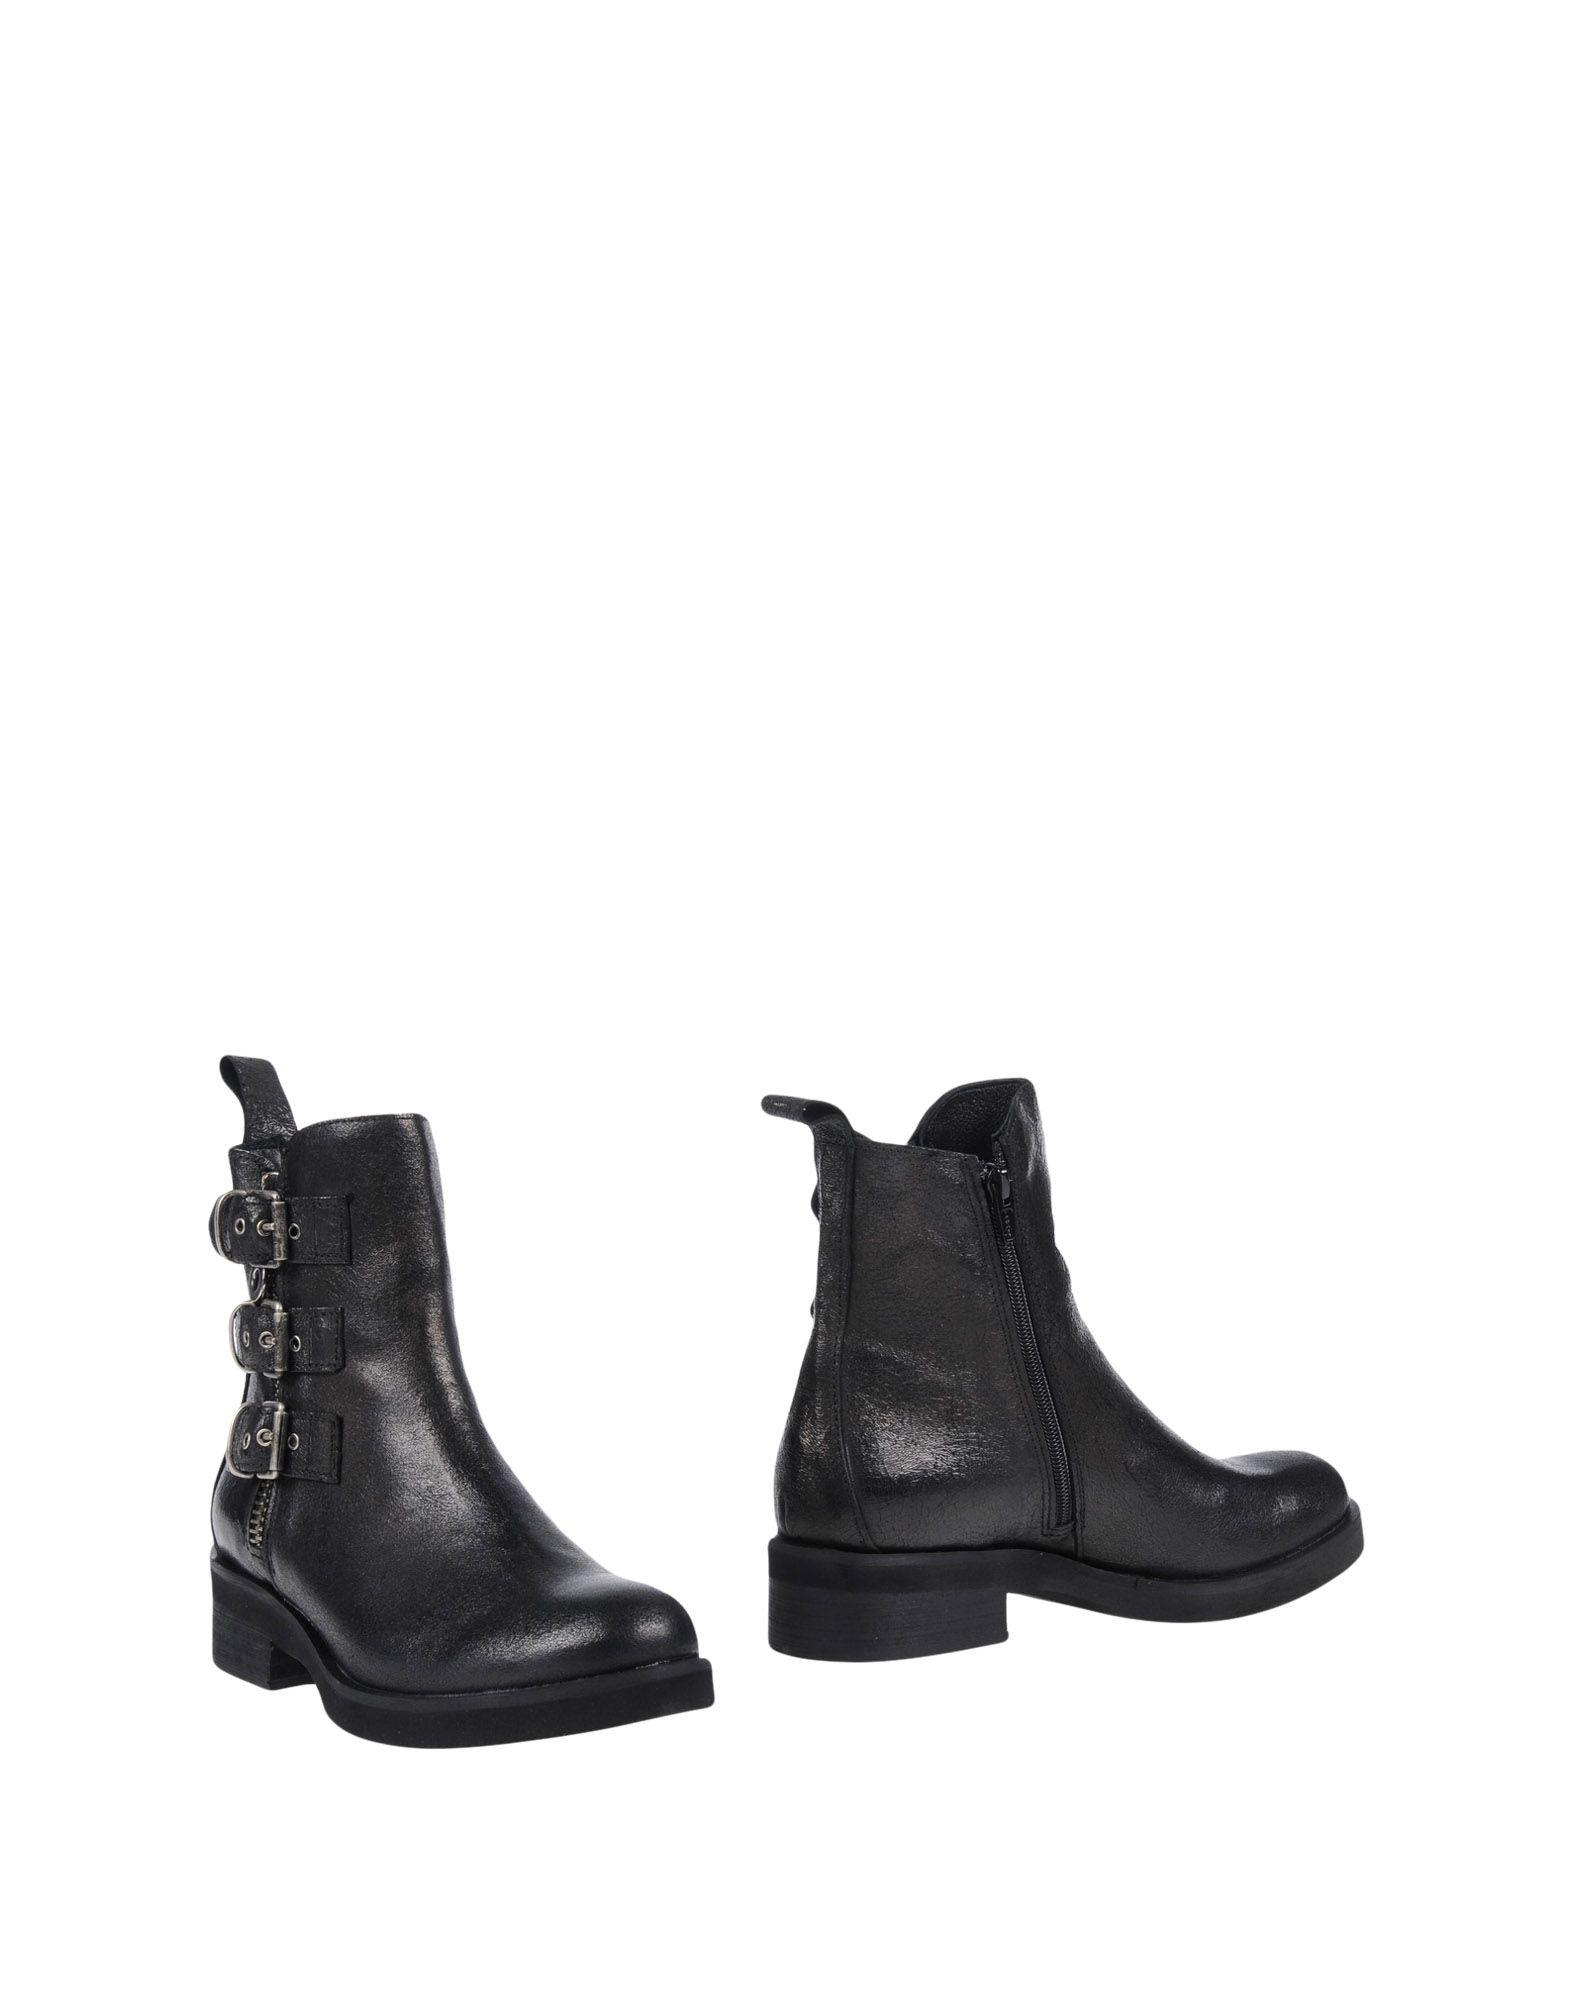 N'sand® Stiefelette Damen  beliebte 11456244KA Gute Qualität beliebte  Schuhe 2bbf86